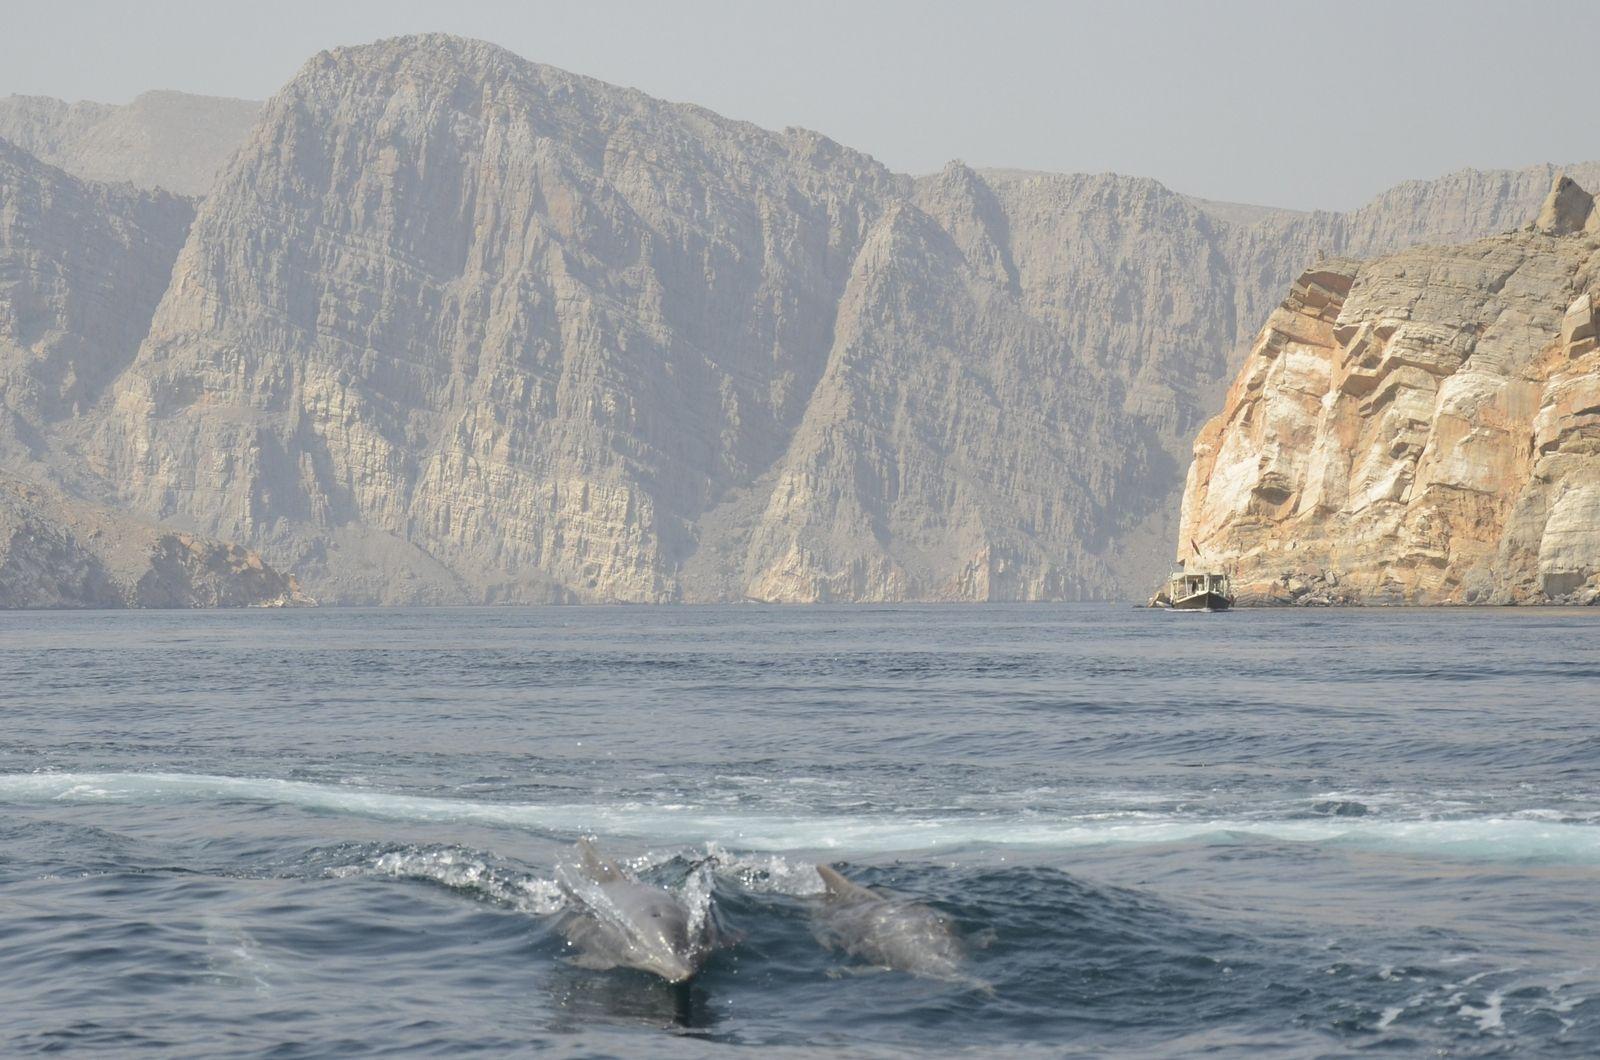 SwimTrek - Dolphins